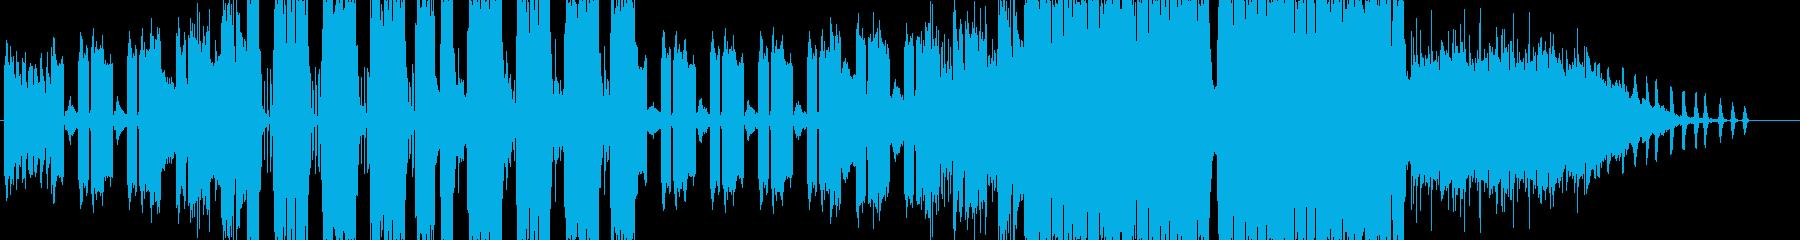 フューチャー / ベース / トラップの再生済みの波形